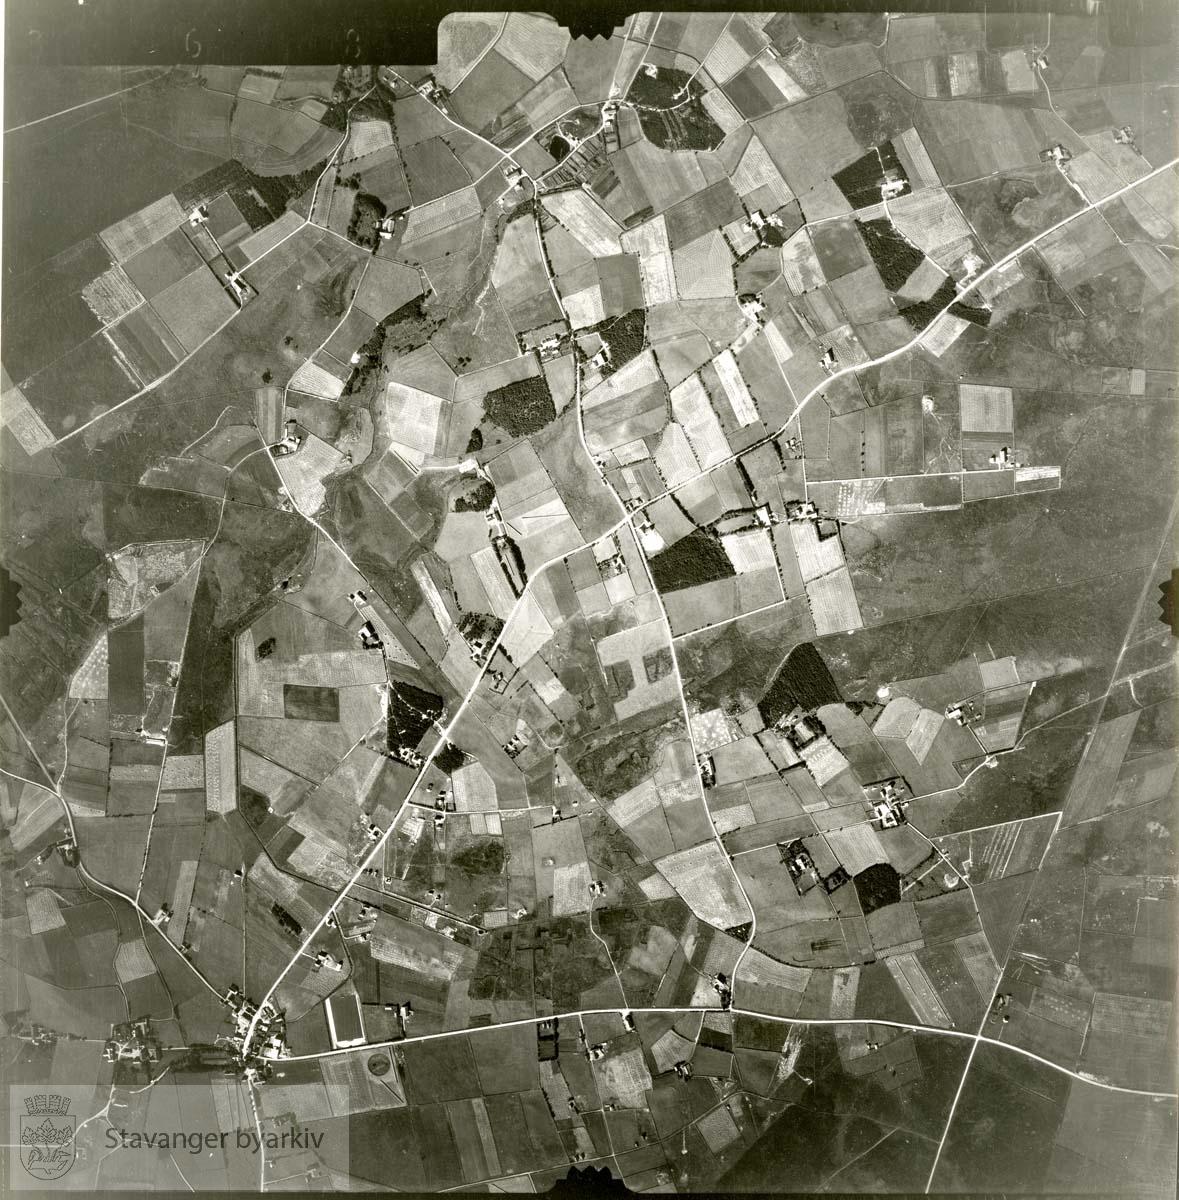 Jfr. kart/fotoplan C8/368..Se ByStW_Uca_002 (kan lastes ned under fanen for kart på Stavangerbilder)